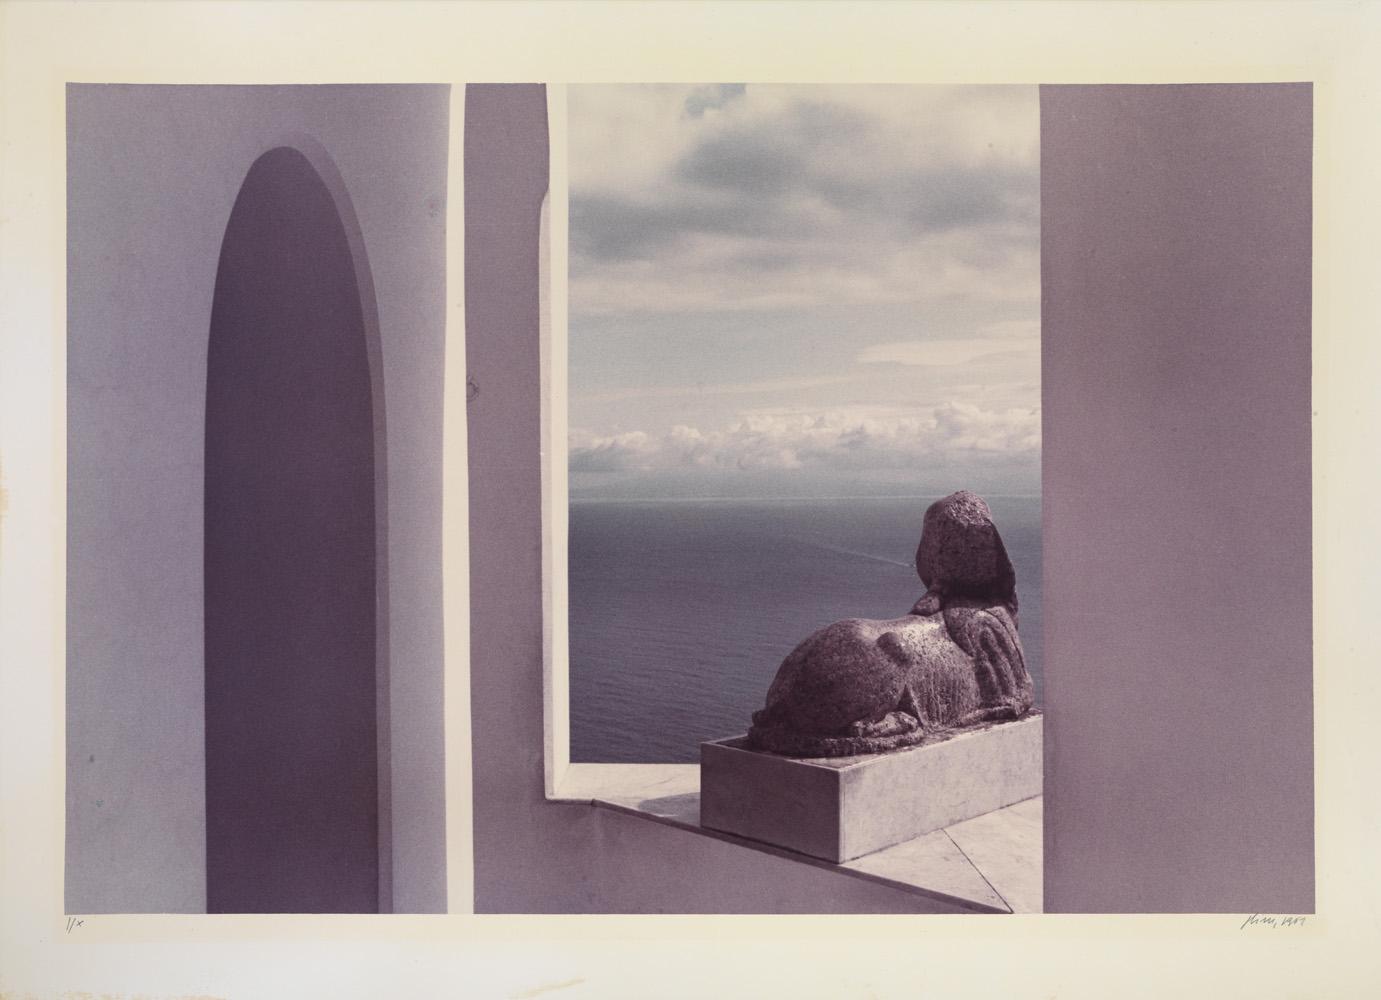 Luigi Ghirri  Capri un pretesto  Certosa di San Giacomo 01.07.1983